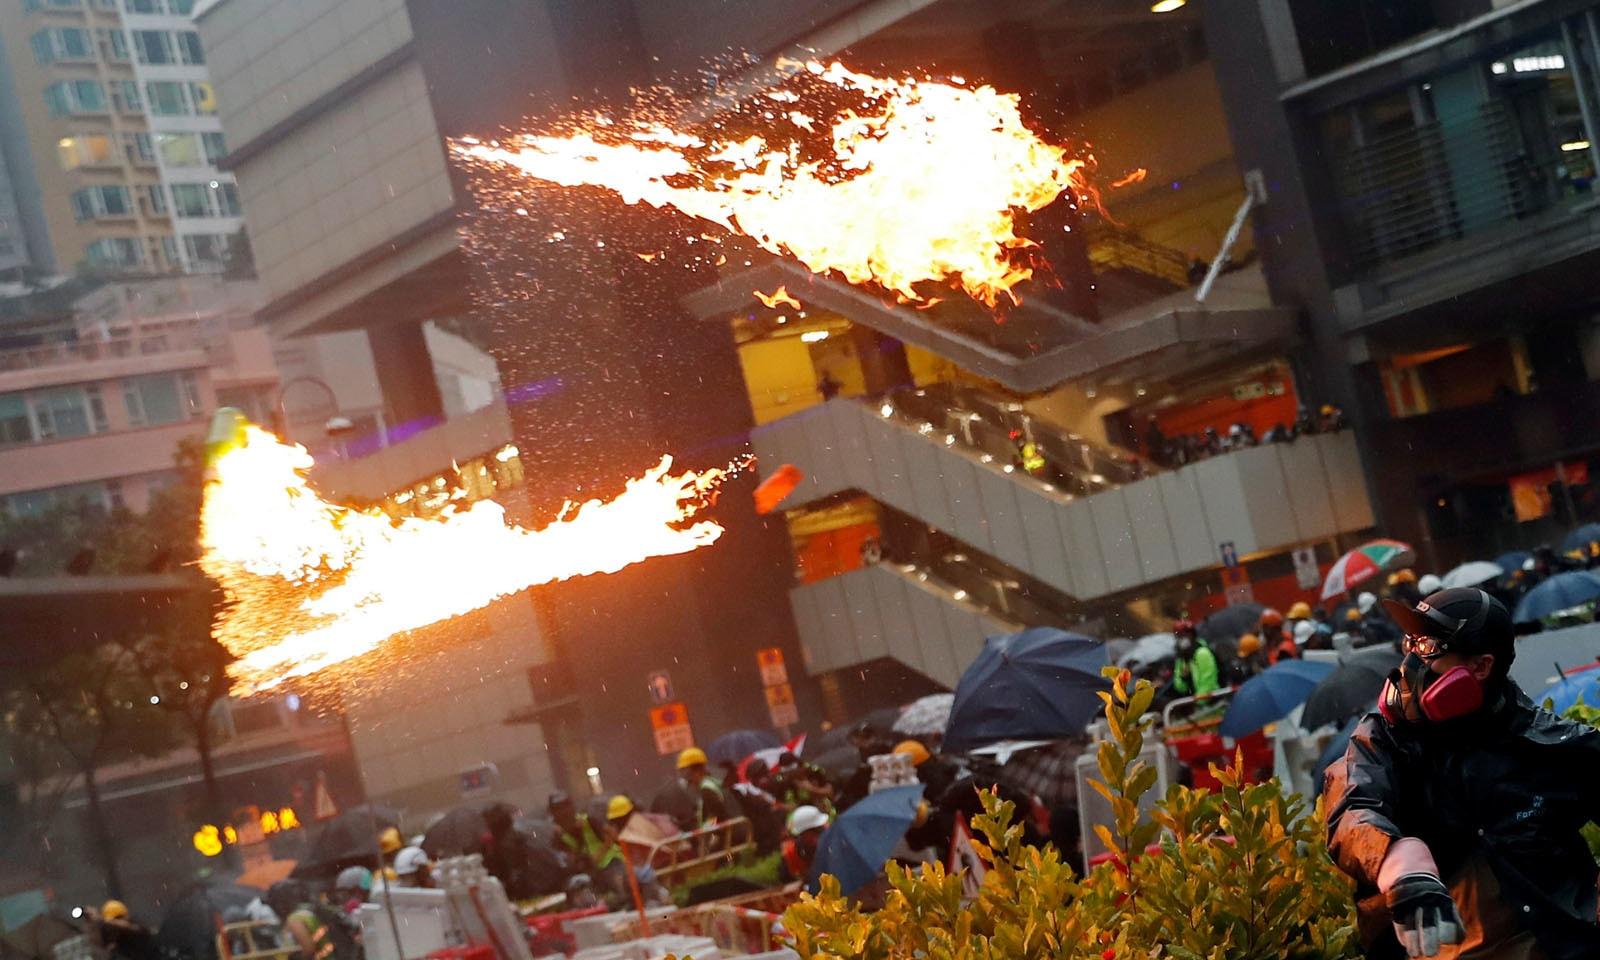 مظاہرین کی جانب سے پارلیمنٹ میں برطانوی جھنڈا لہرایا گیا جبکہ دیواروں پر 'ہانگ کانگ، چین نہیں ہے' لکھا گیا تھا—رائٹرز